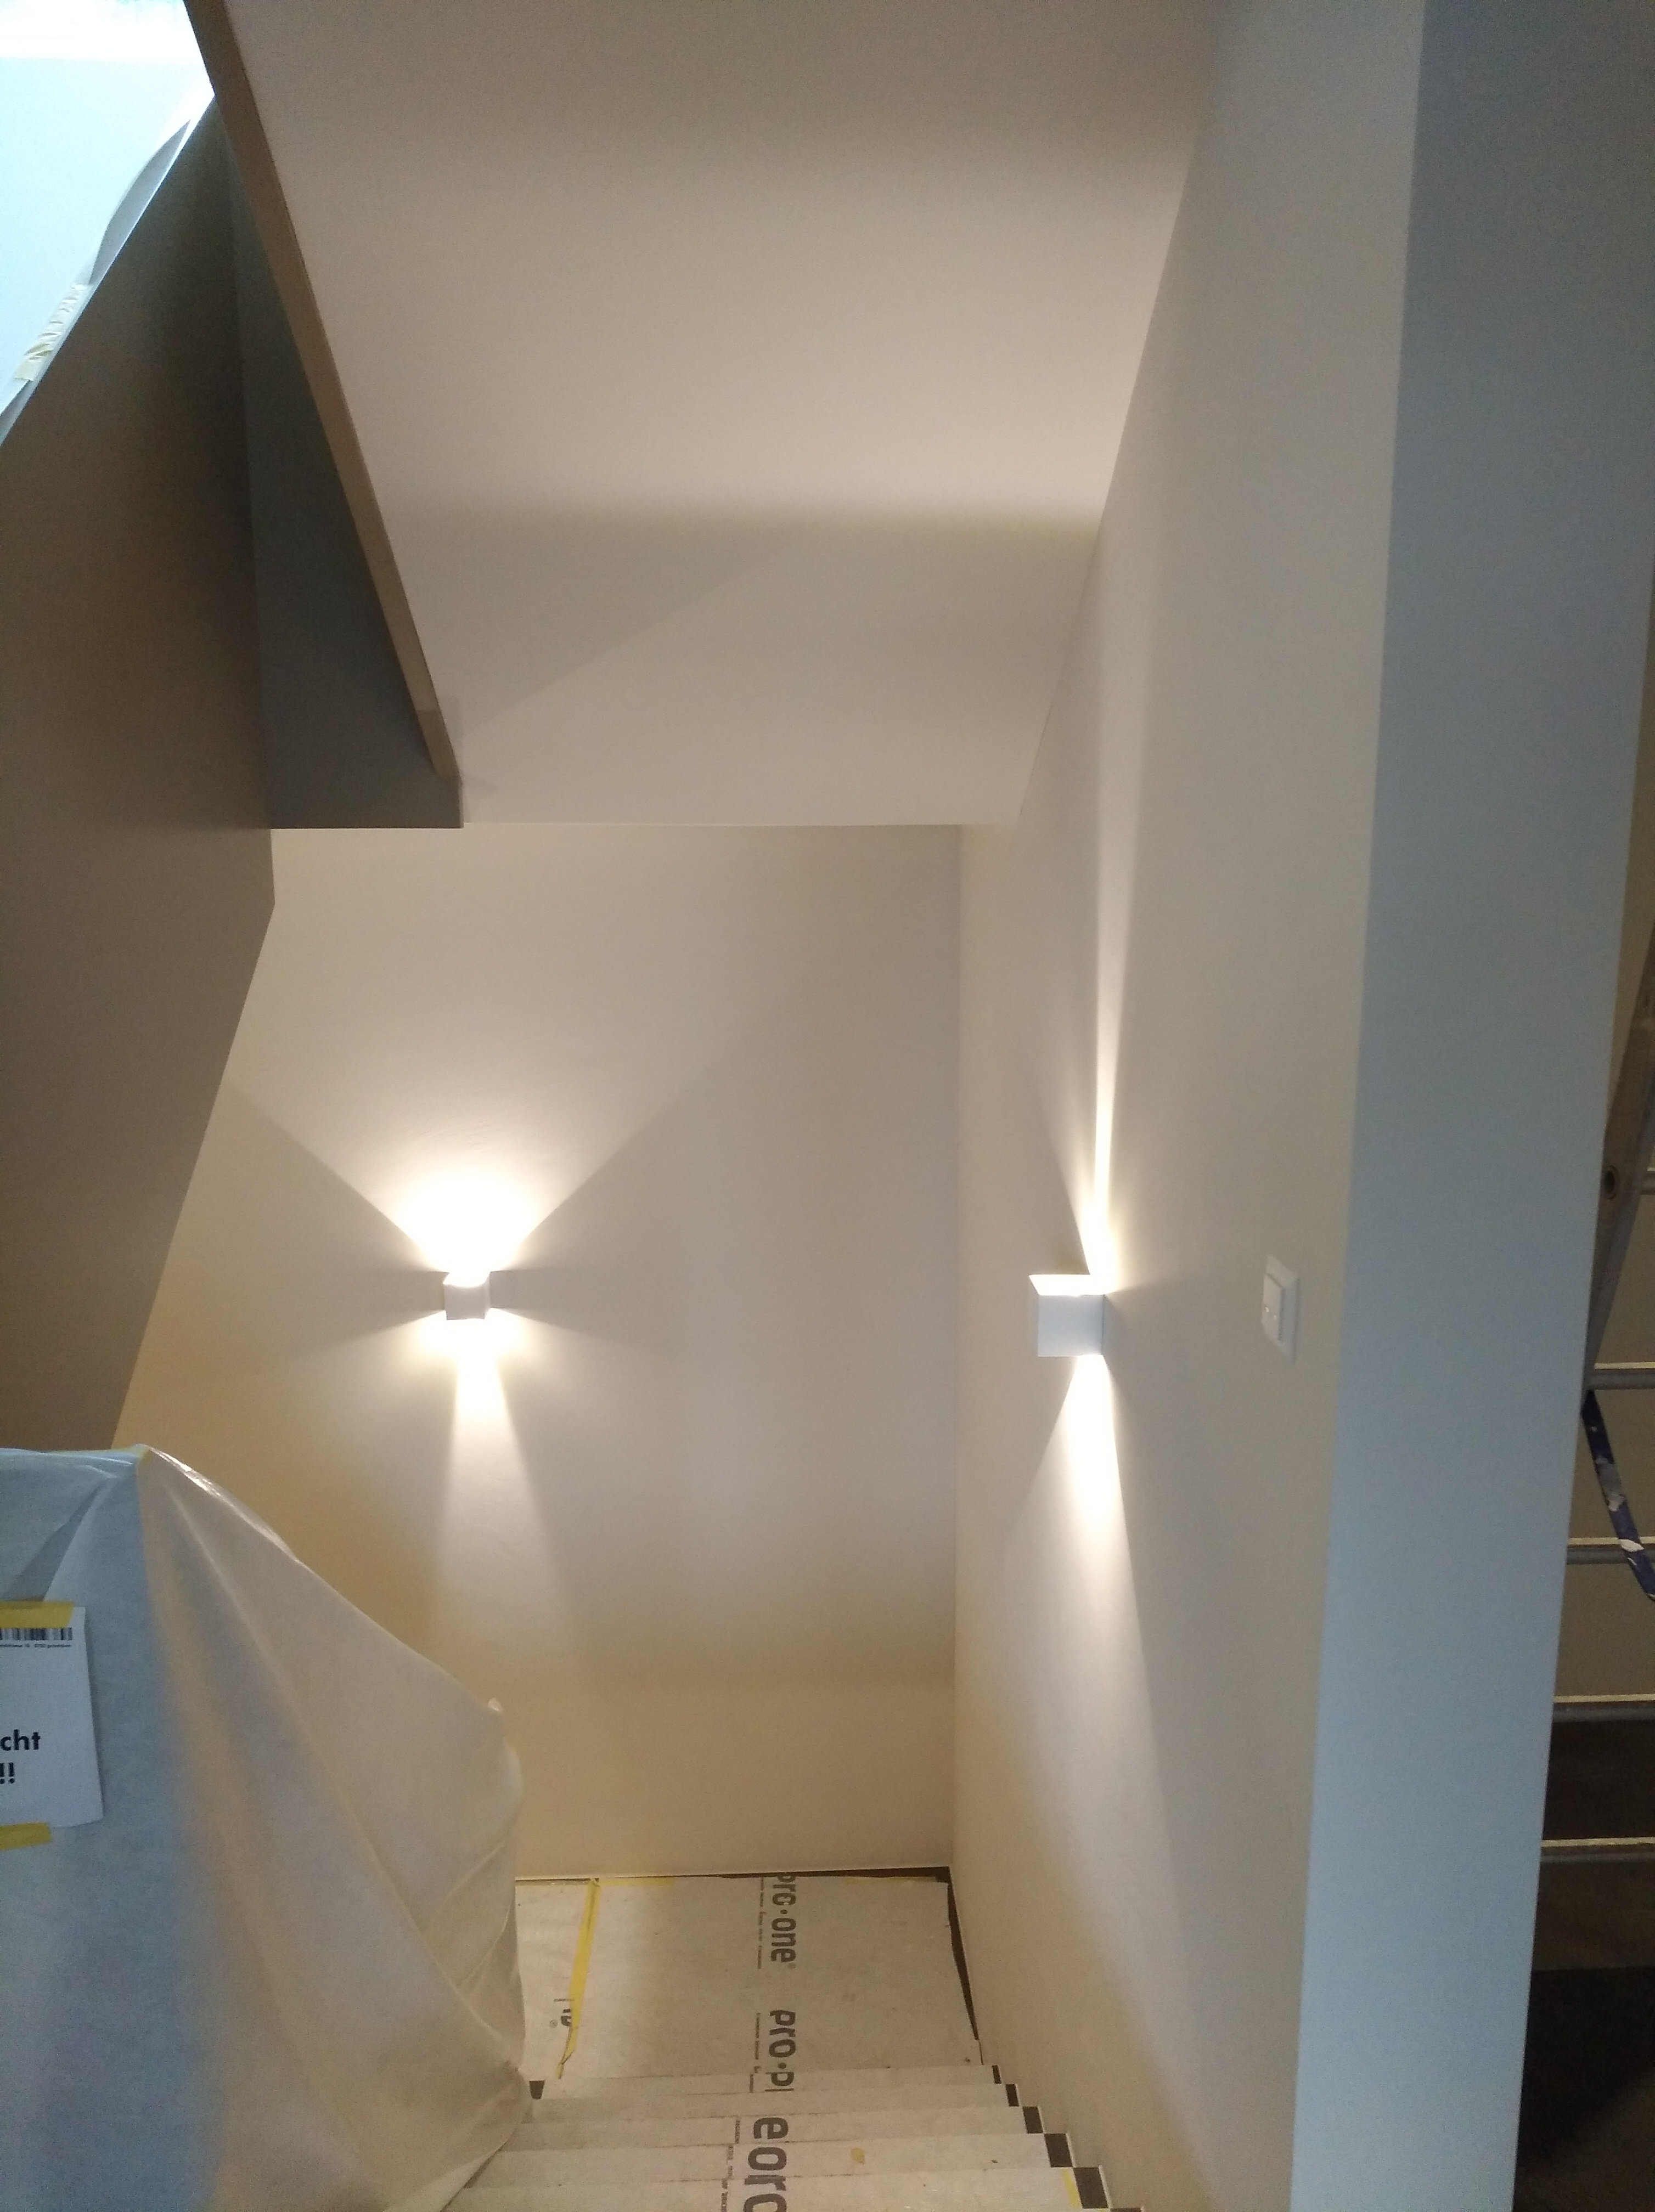 Sunnset LED